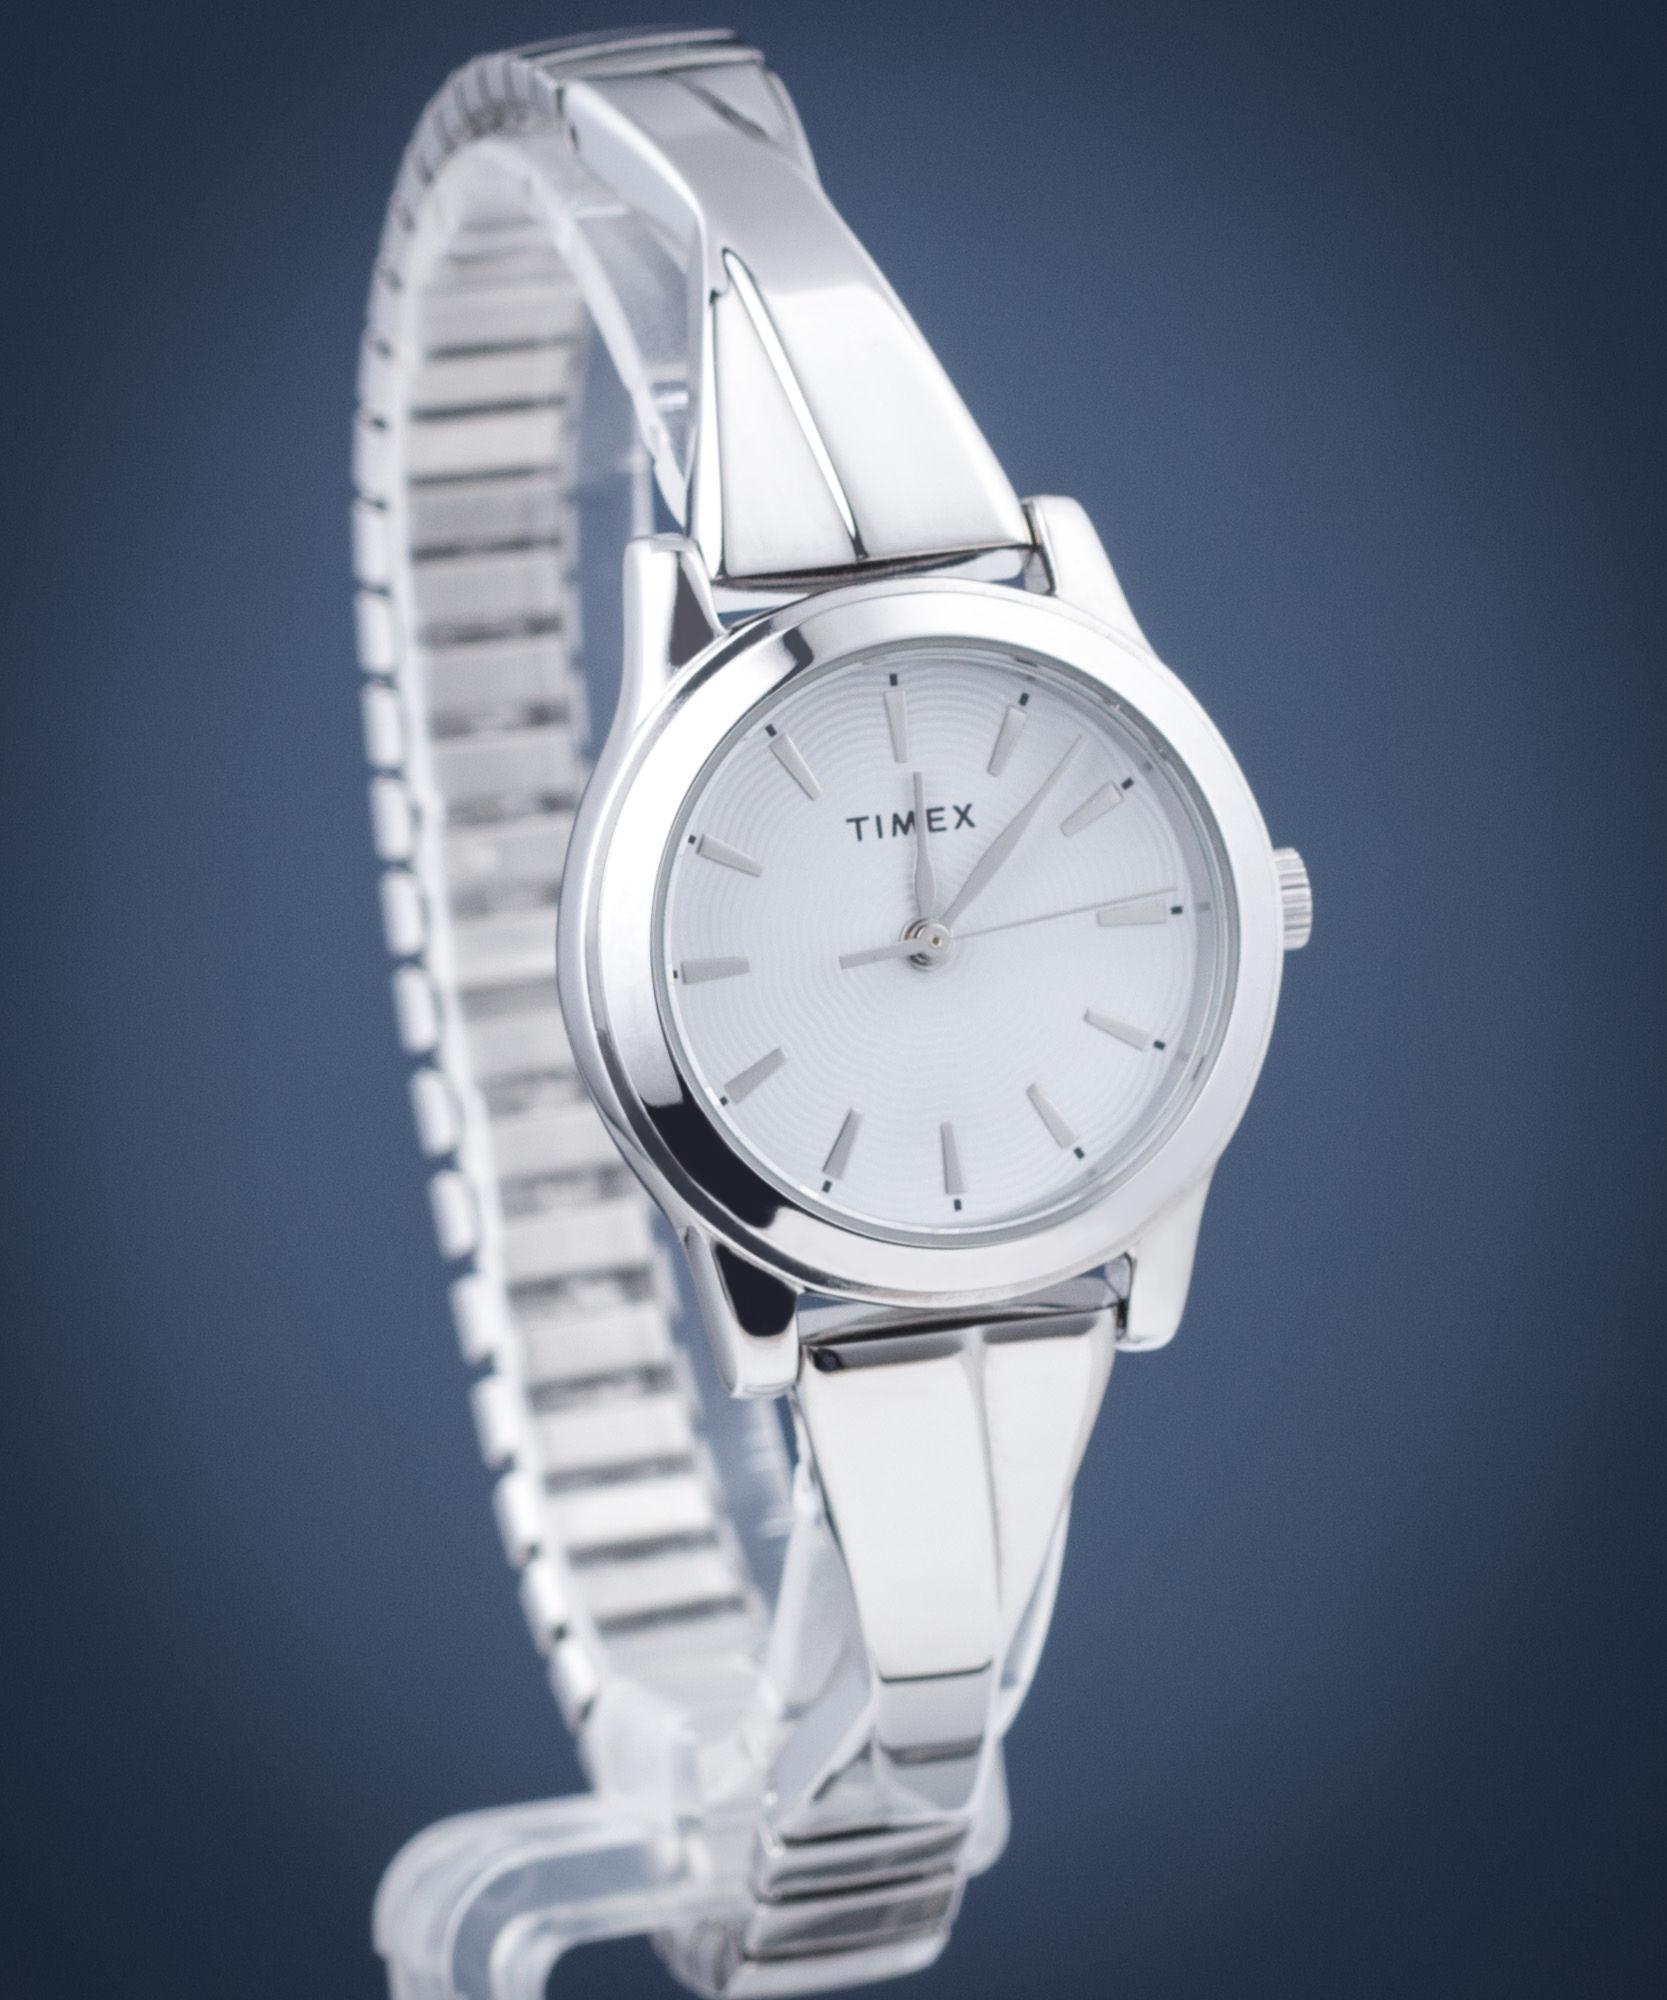 Timex TW2R98700 > Wysyłka tego samego dnia Grawer 0zł Darmowa dostawa Kurierem/Inpost Darmowy zwrot przez 100 DNI